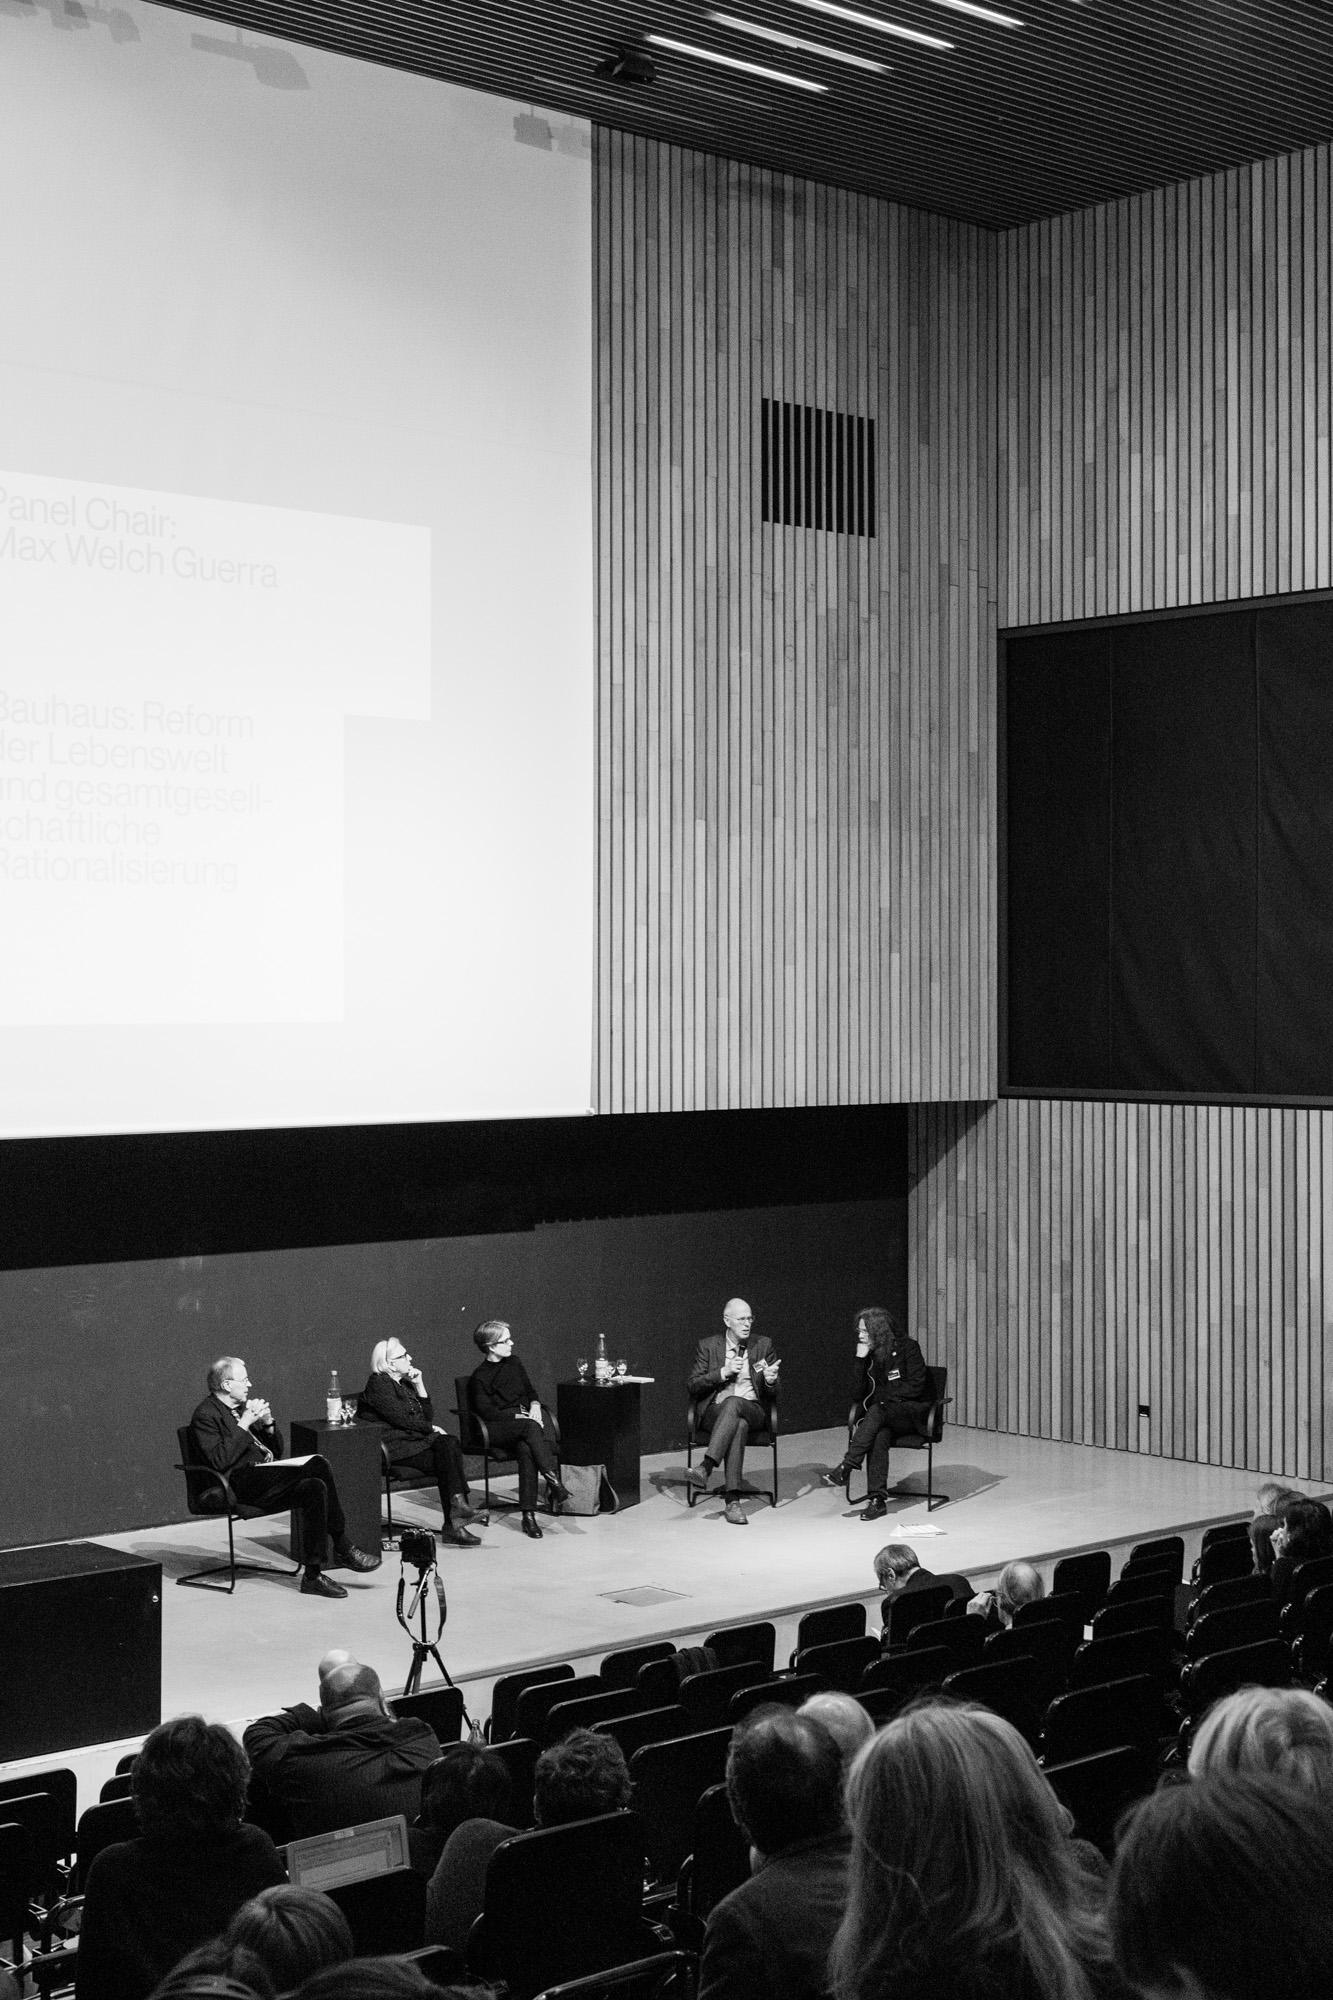 Diskussion Sektion 2. Fotografen: Samuel Solazzo, Jannis Uffrecht, Philipp Niemeyer